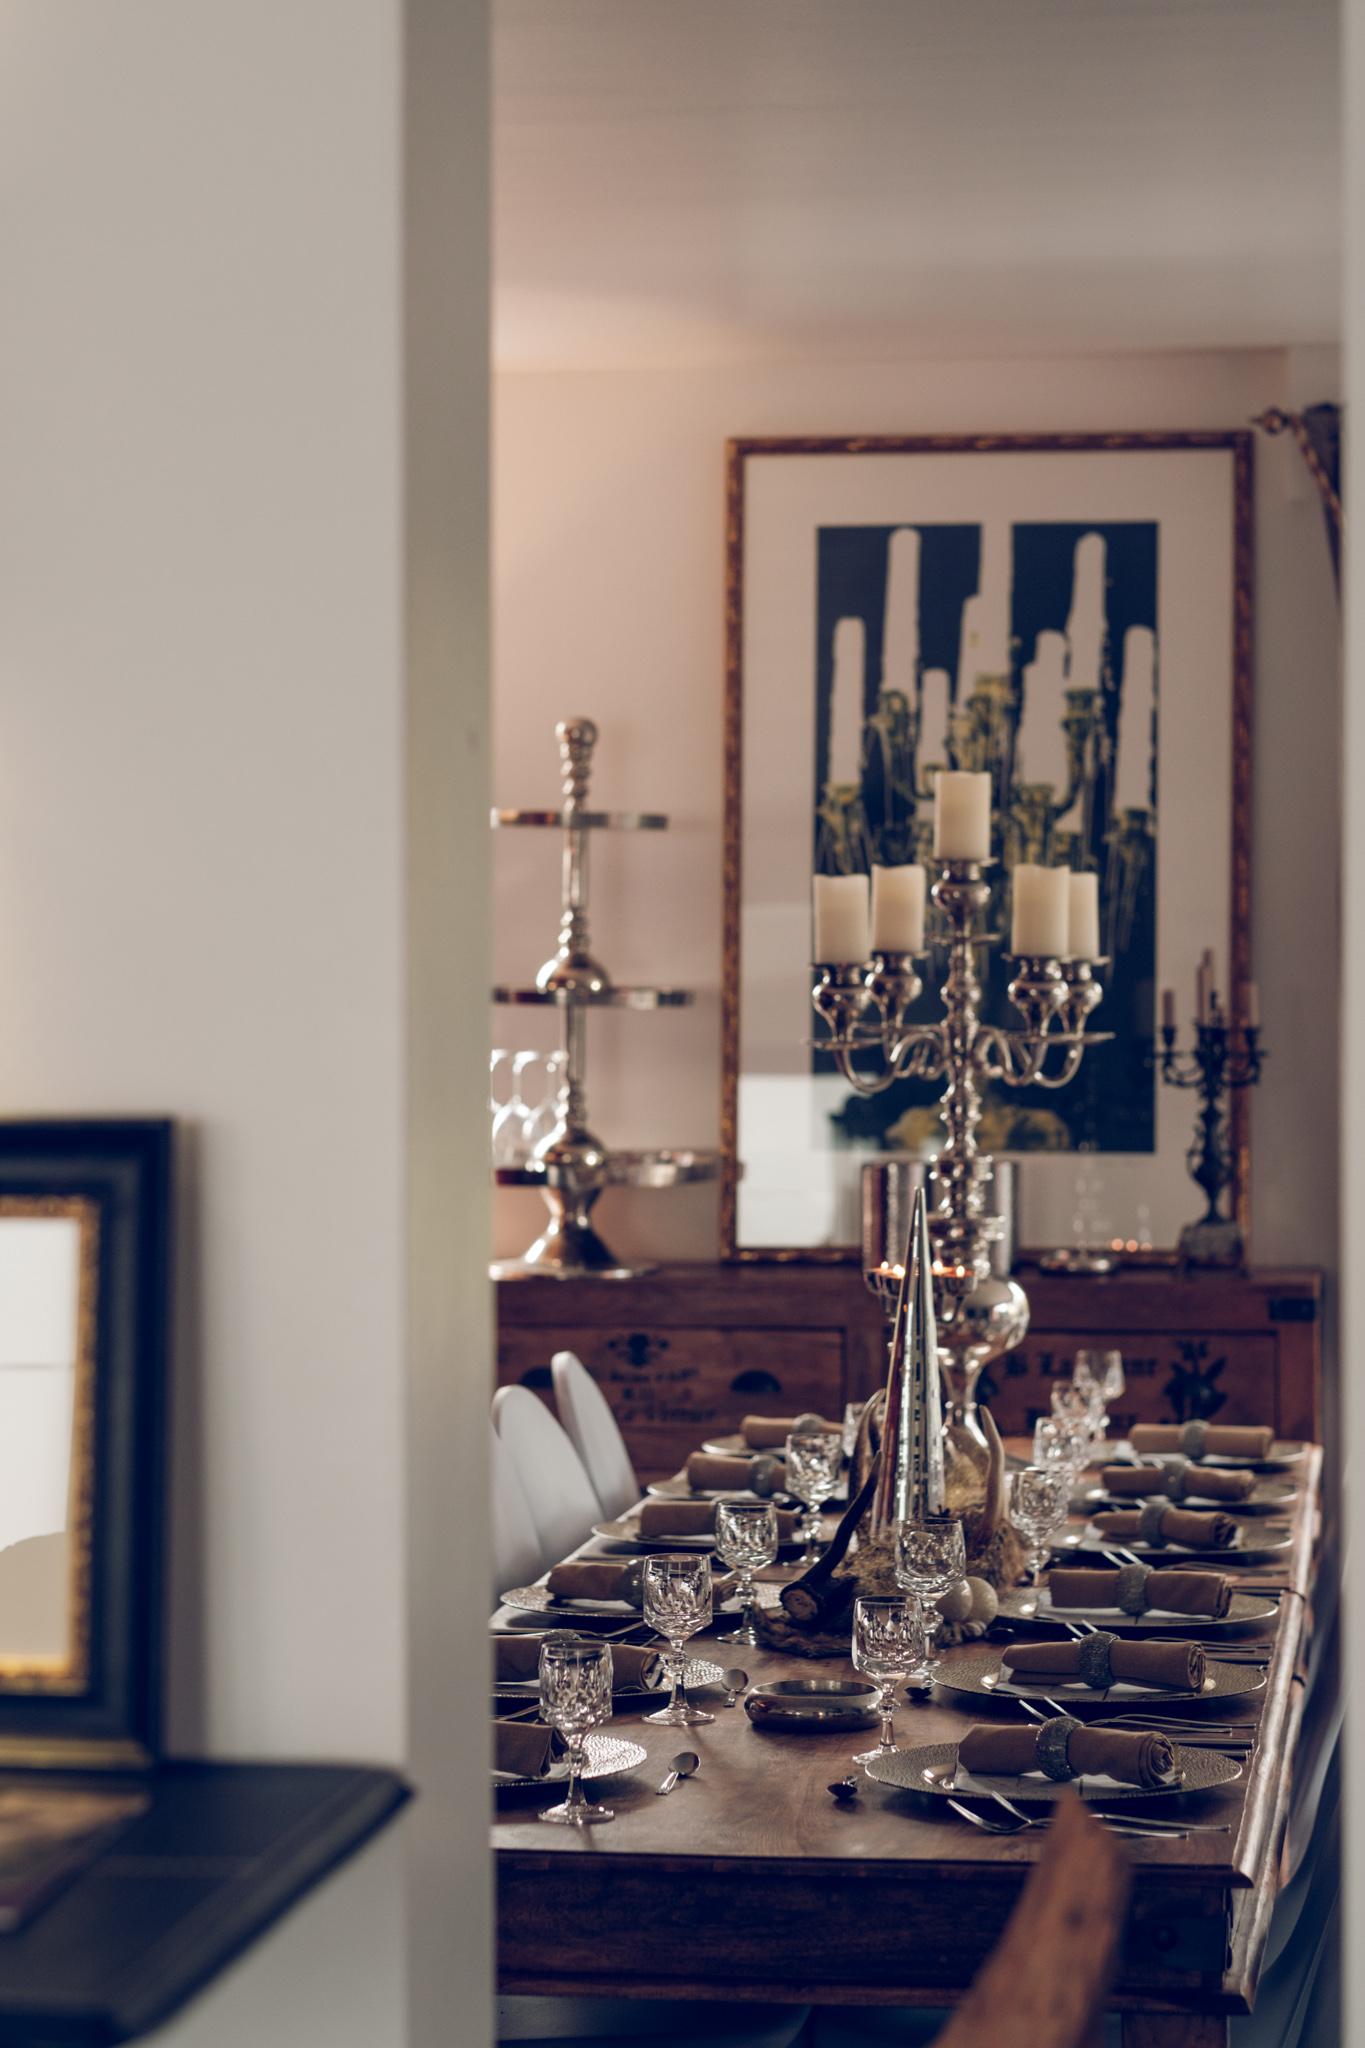 Besondere Weihnachtsdekoration, tolle Weihnachtsdekoration, individuelle Weihnachtsdekoration, Della Casa Jacqueline Körner, Lifestyle-Blog, Lieblingsstil.com, 6,